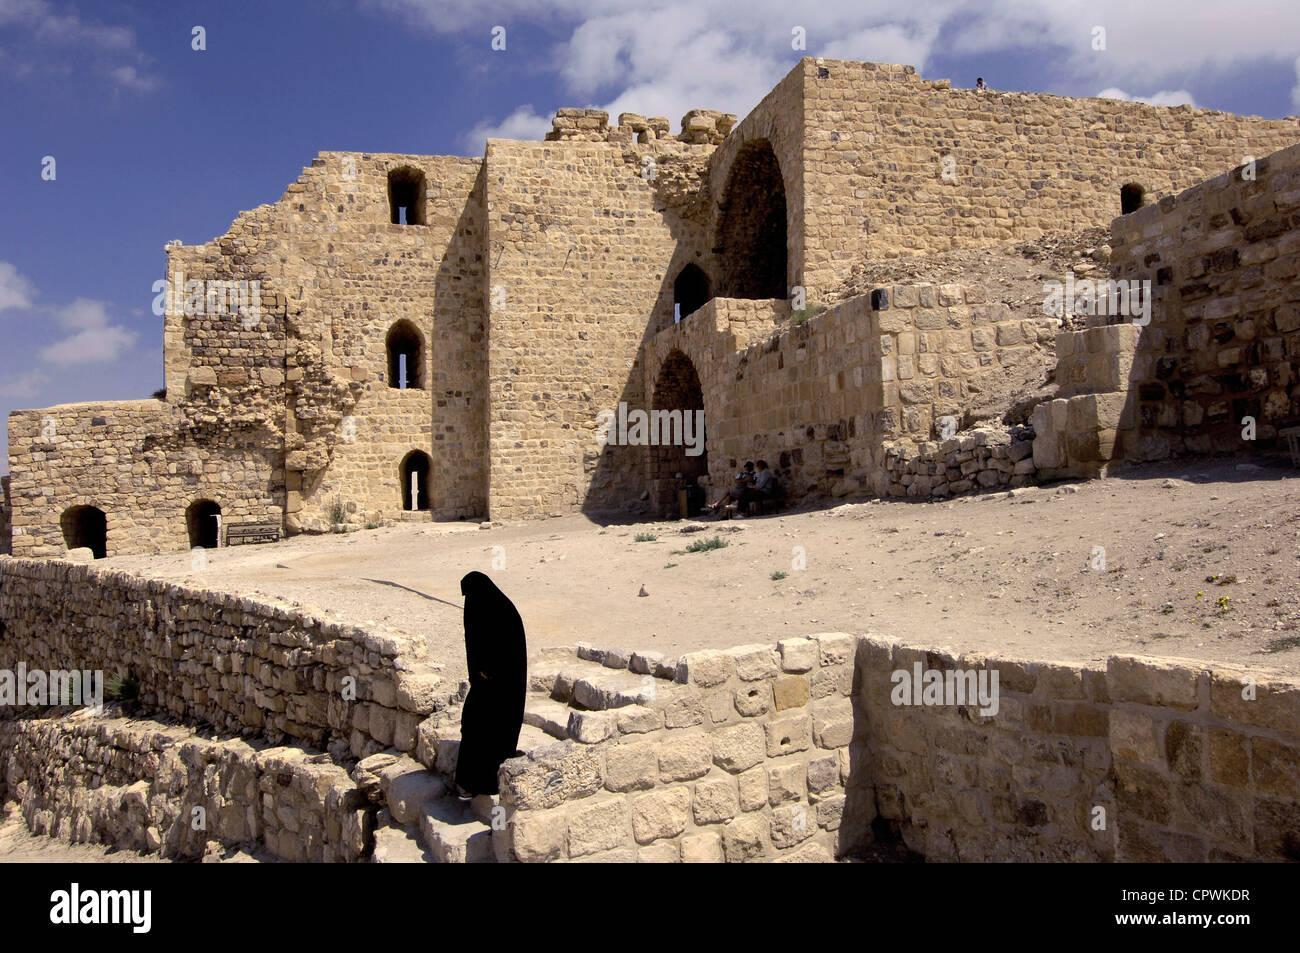 Asia Jordan Castle of Kerak Crusader Fortress of 12 th century - Stock Image